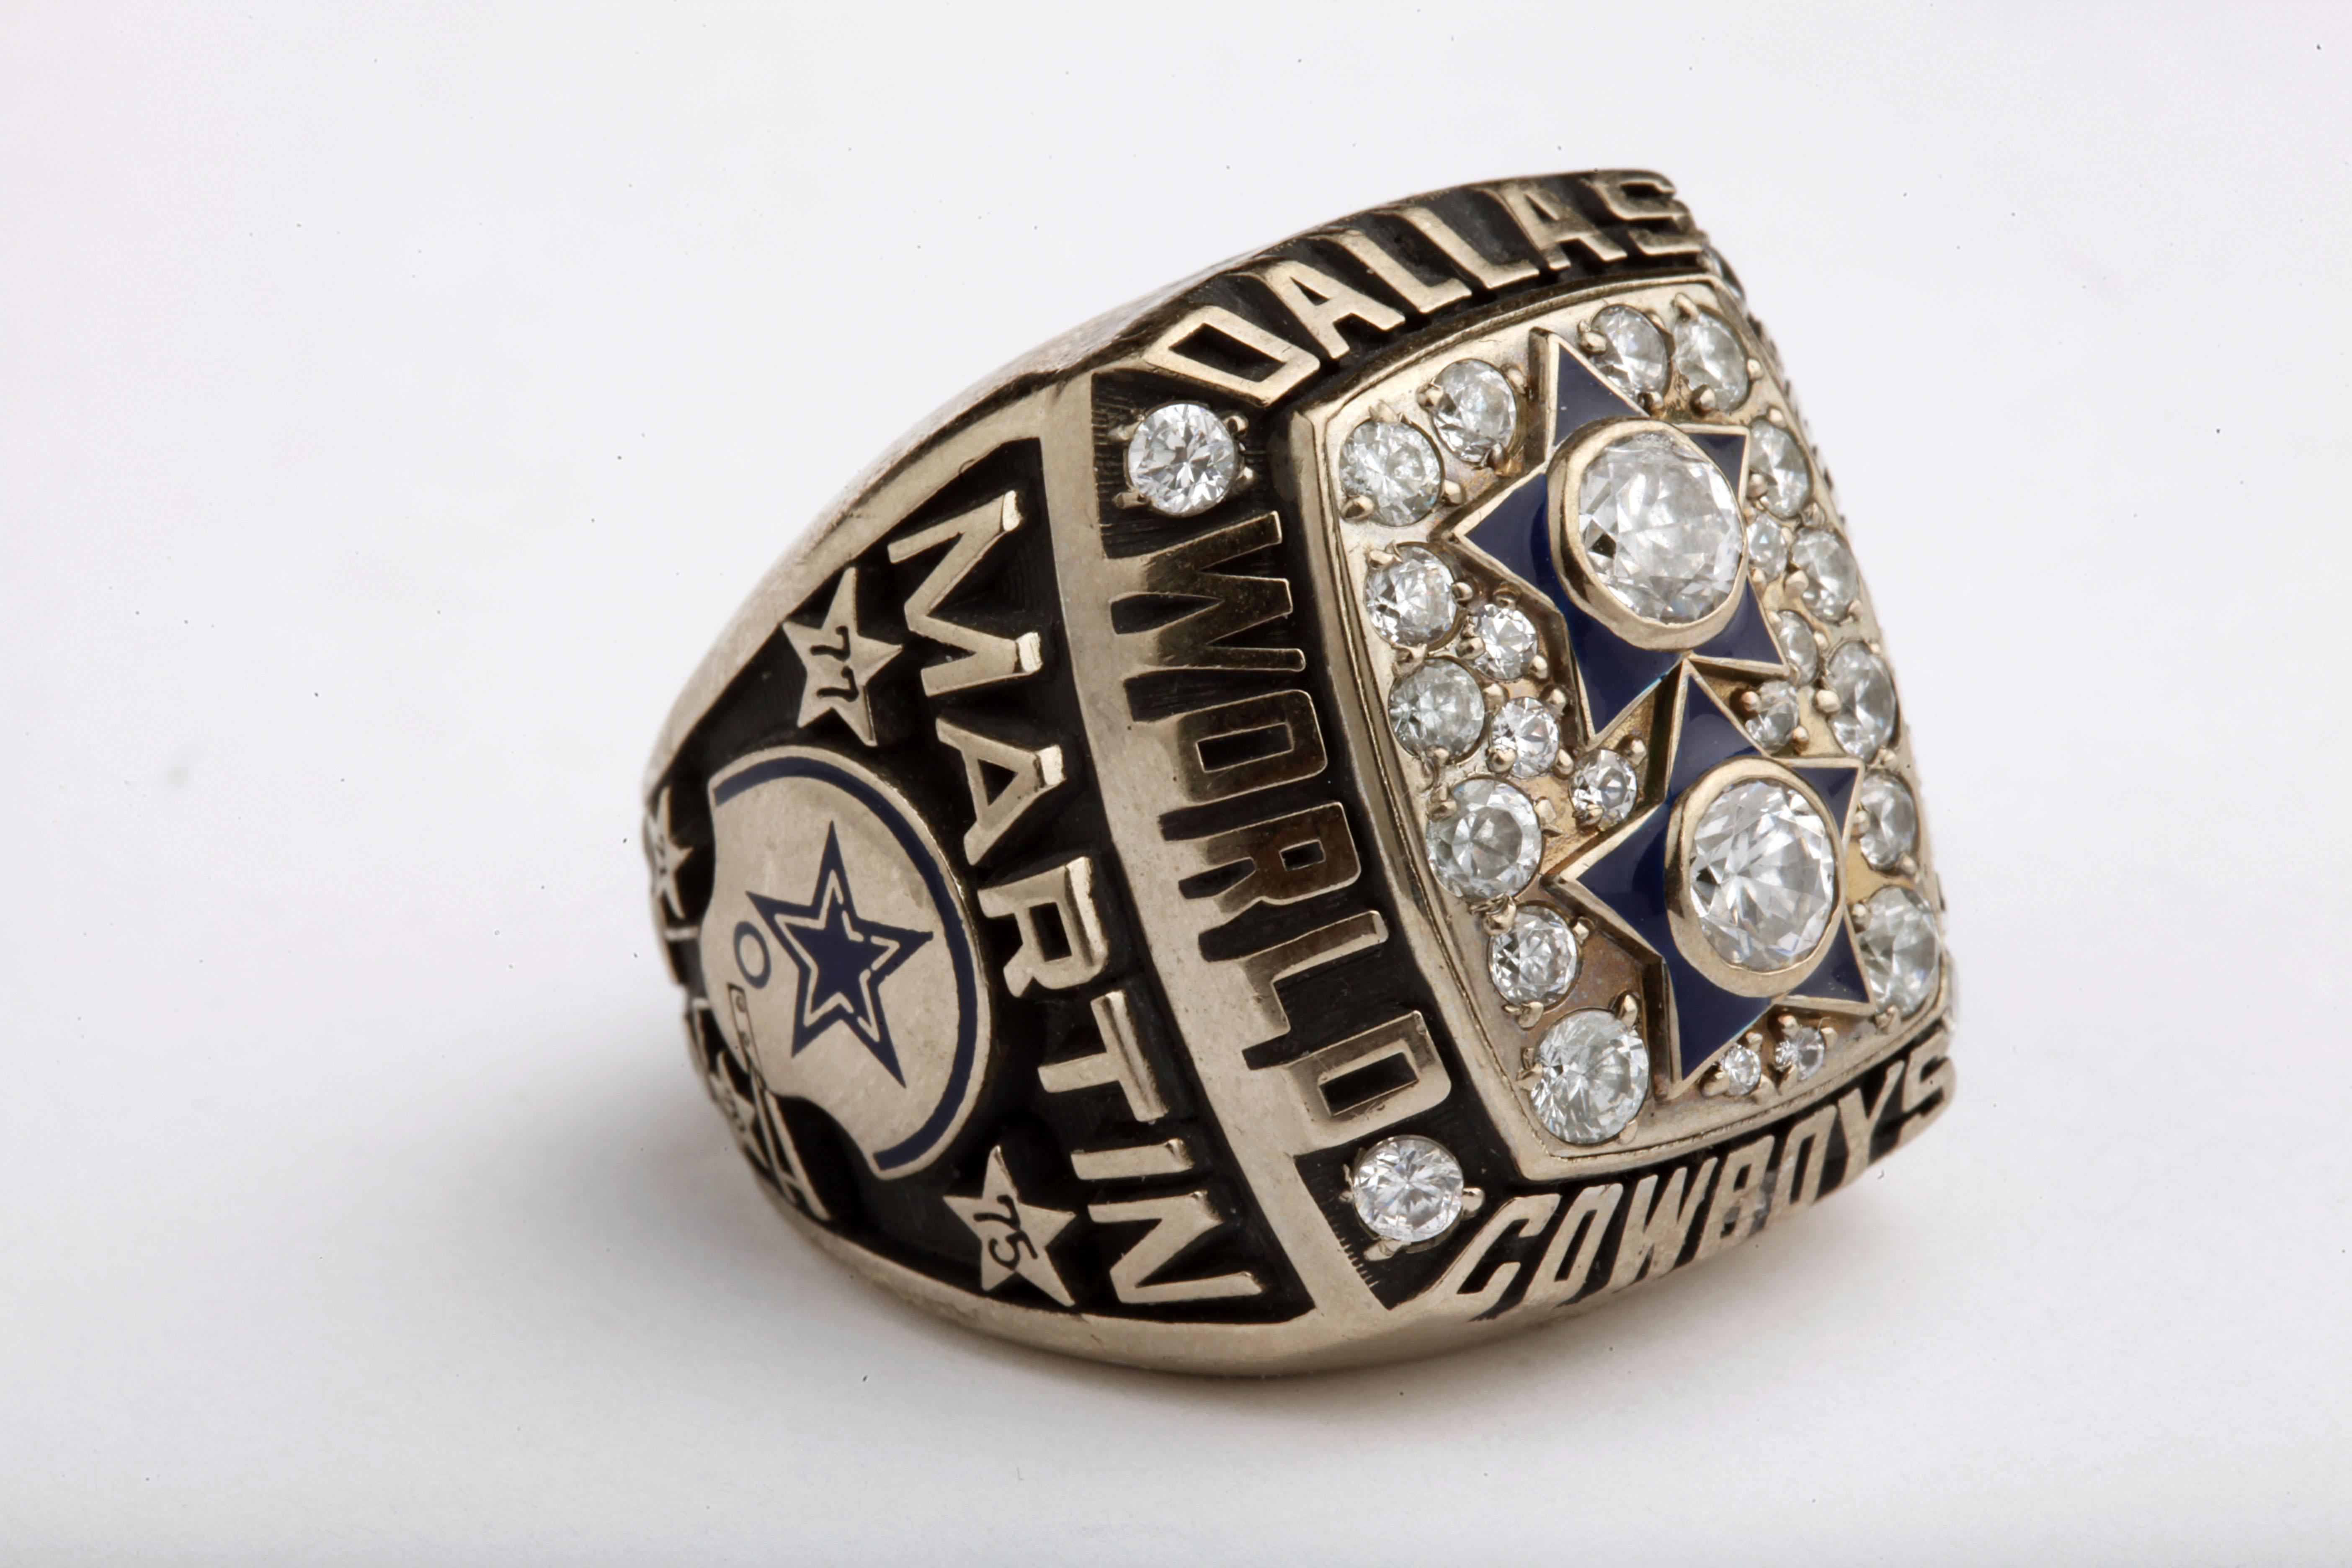 Cowboys Blog - Harvey Martin Is Greatest #79 Dallas Cowboys Have Ever Had 2